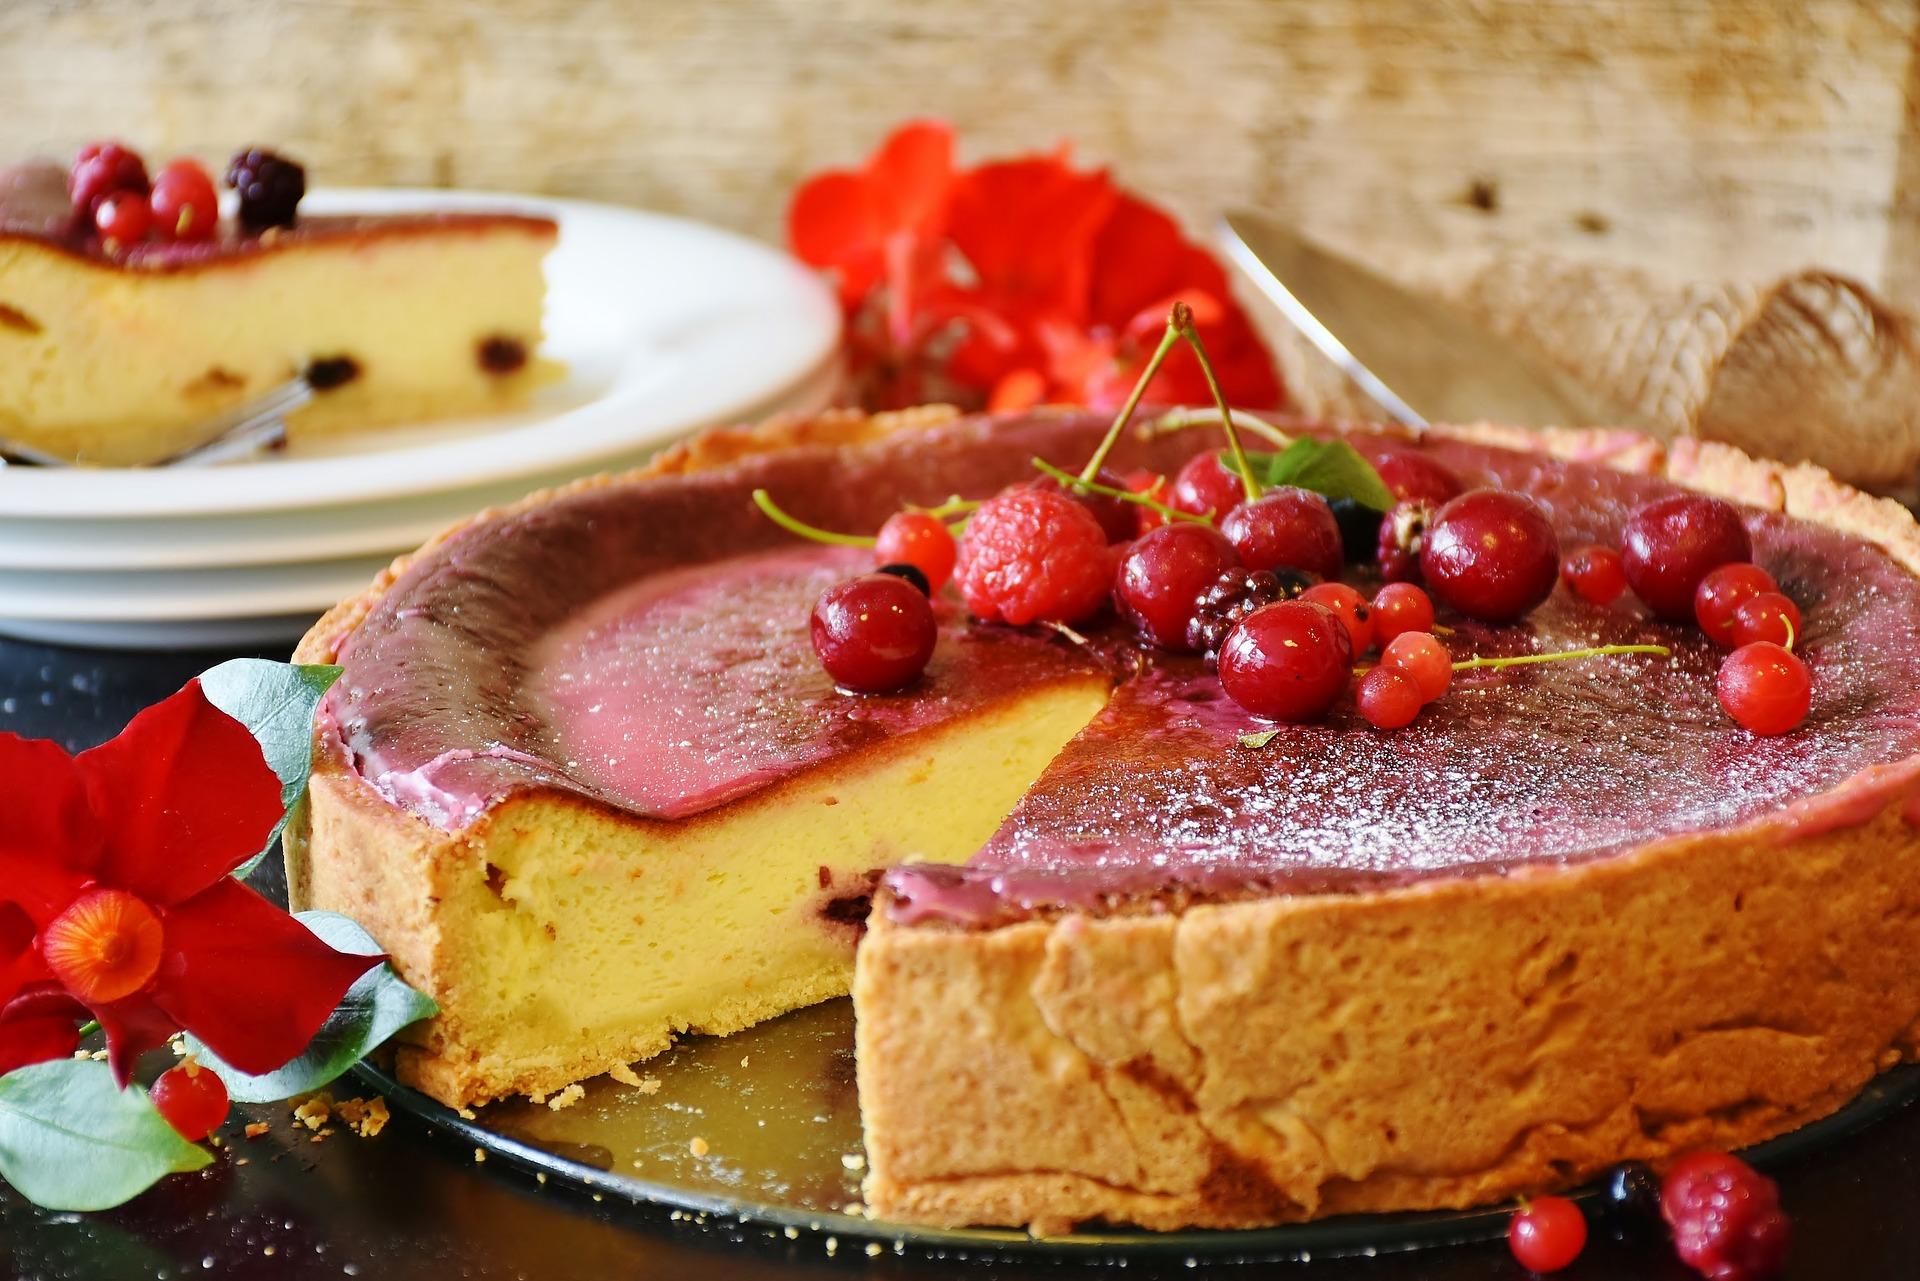 Lütte Eröffnung der Lütten Meierie Kratzeburg mit Käse, Kaffee, Kuchen